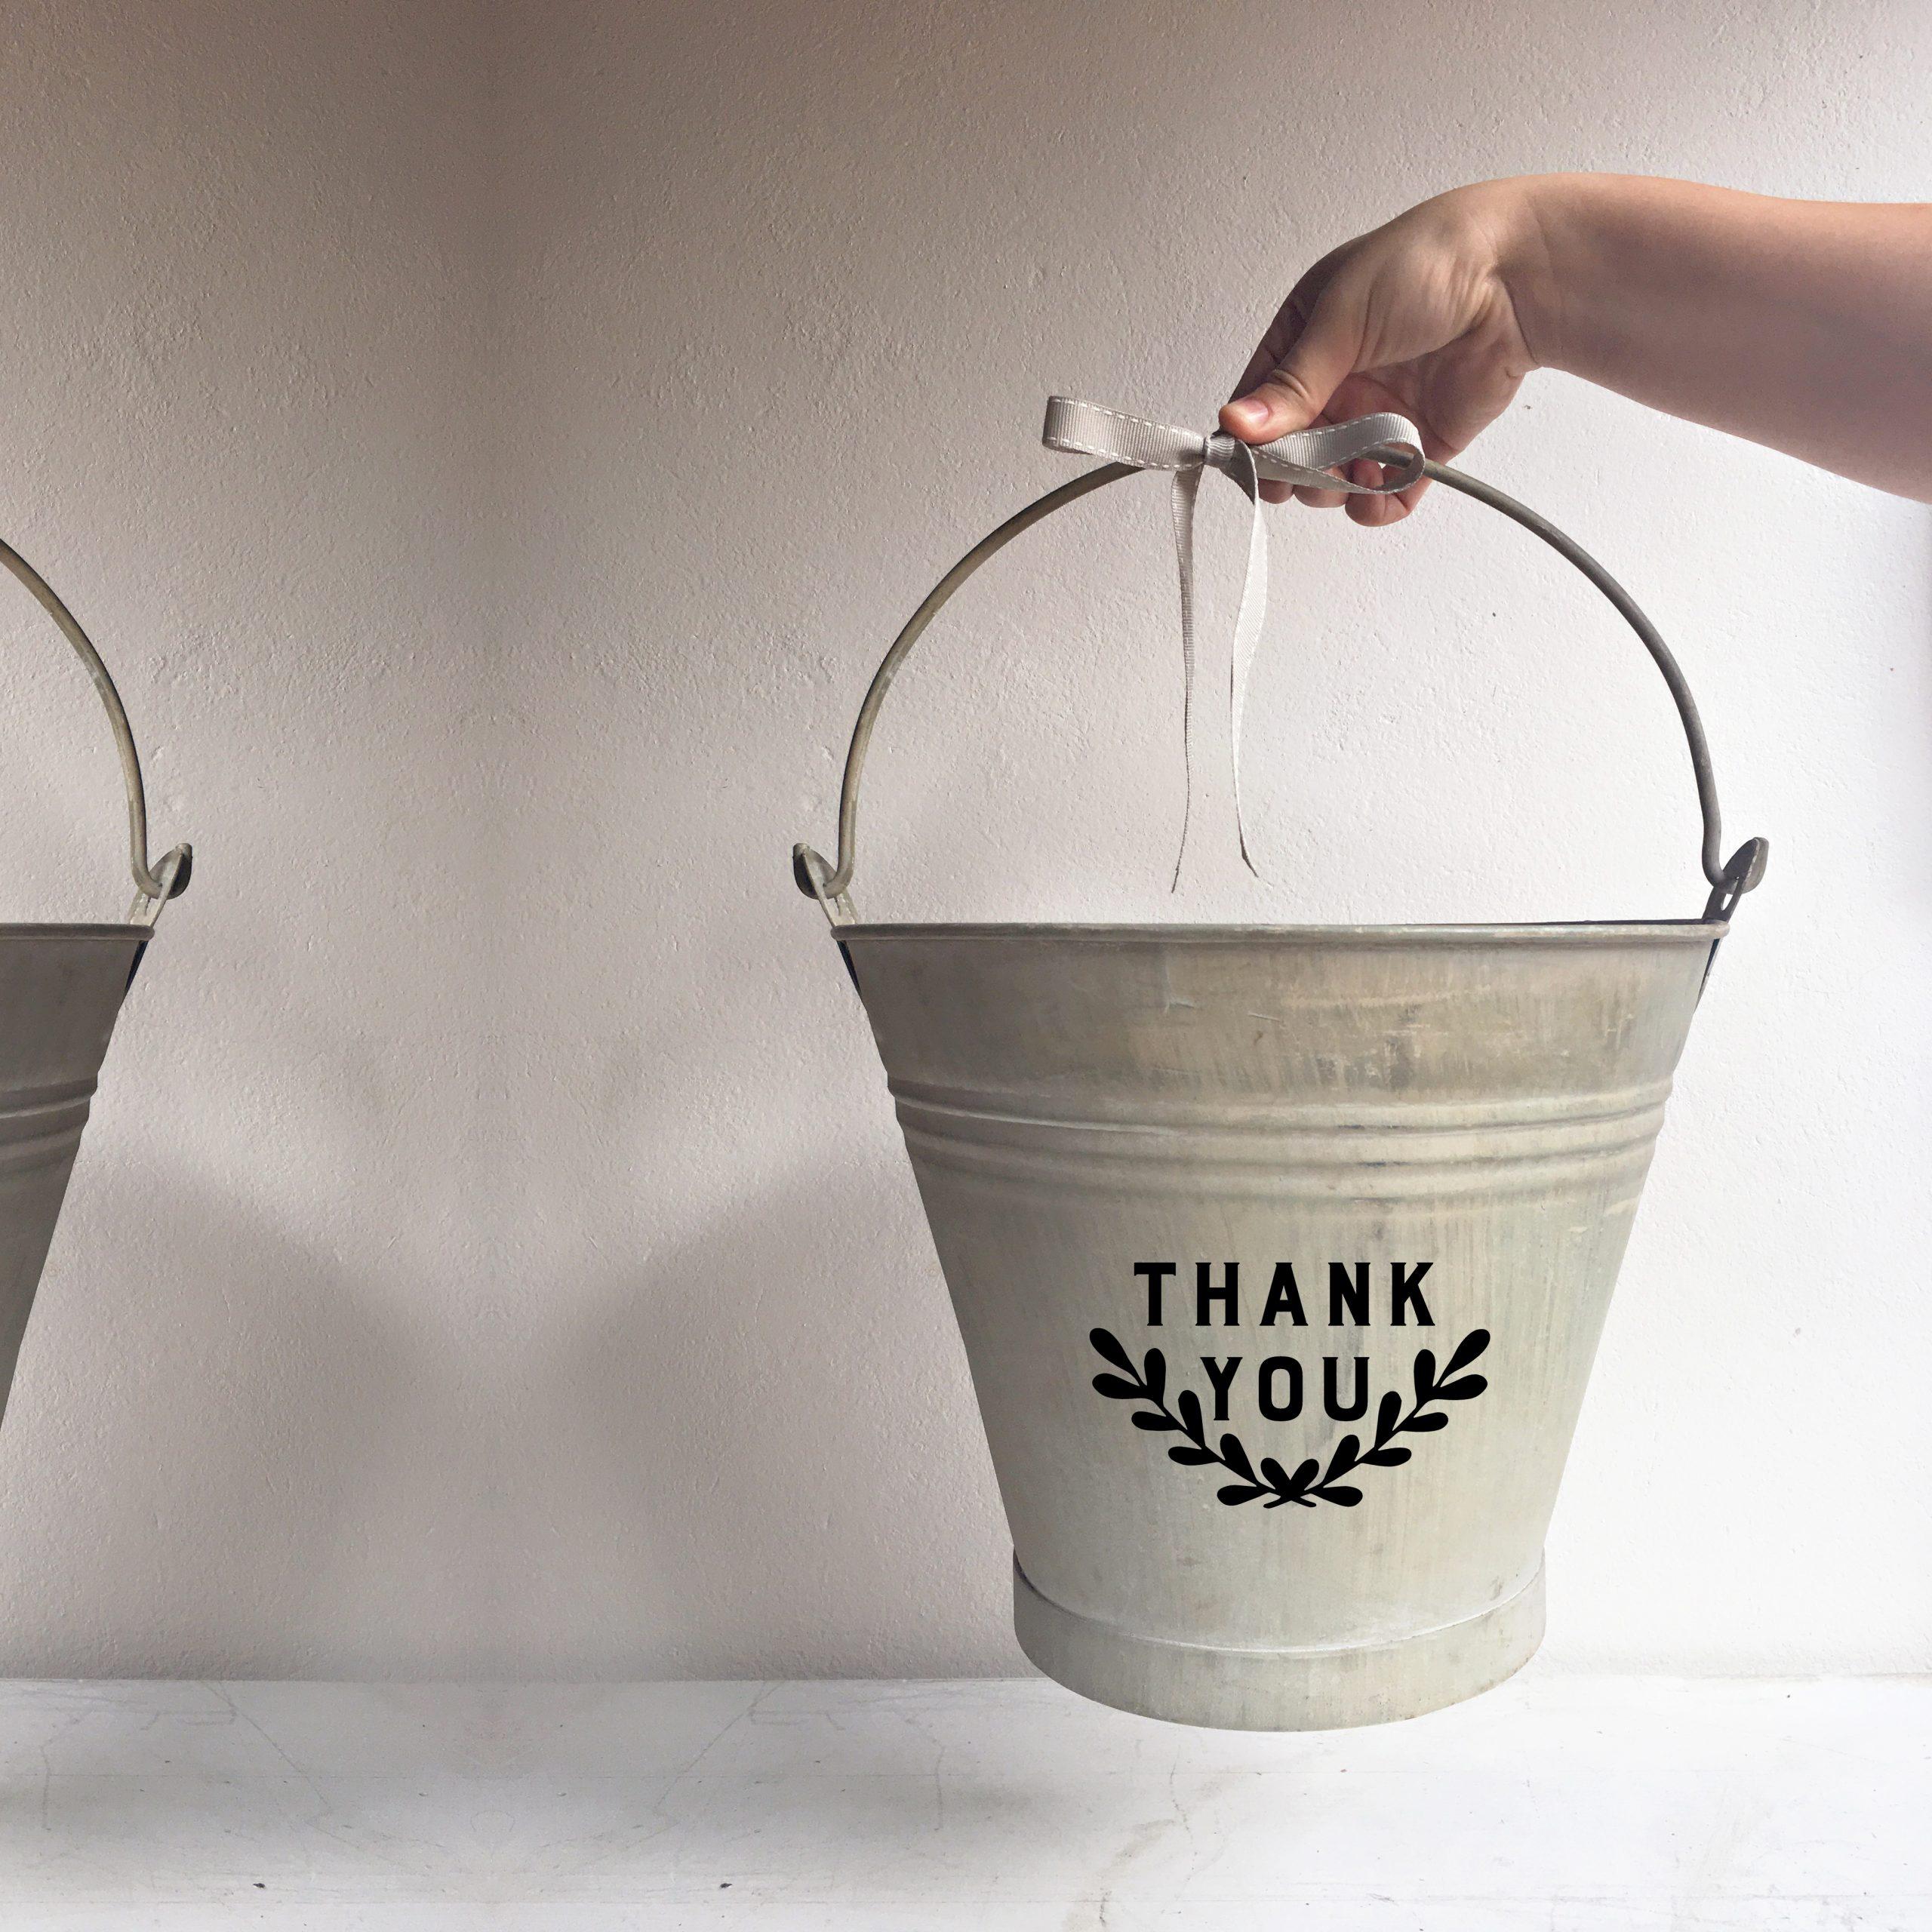 Bucket Thank you wreath